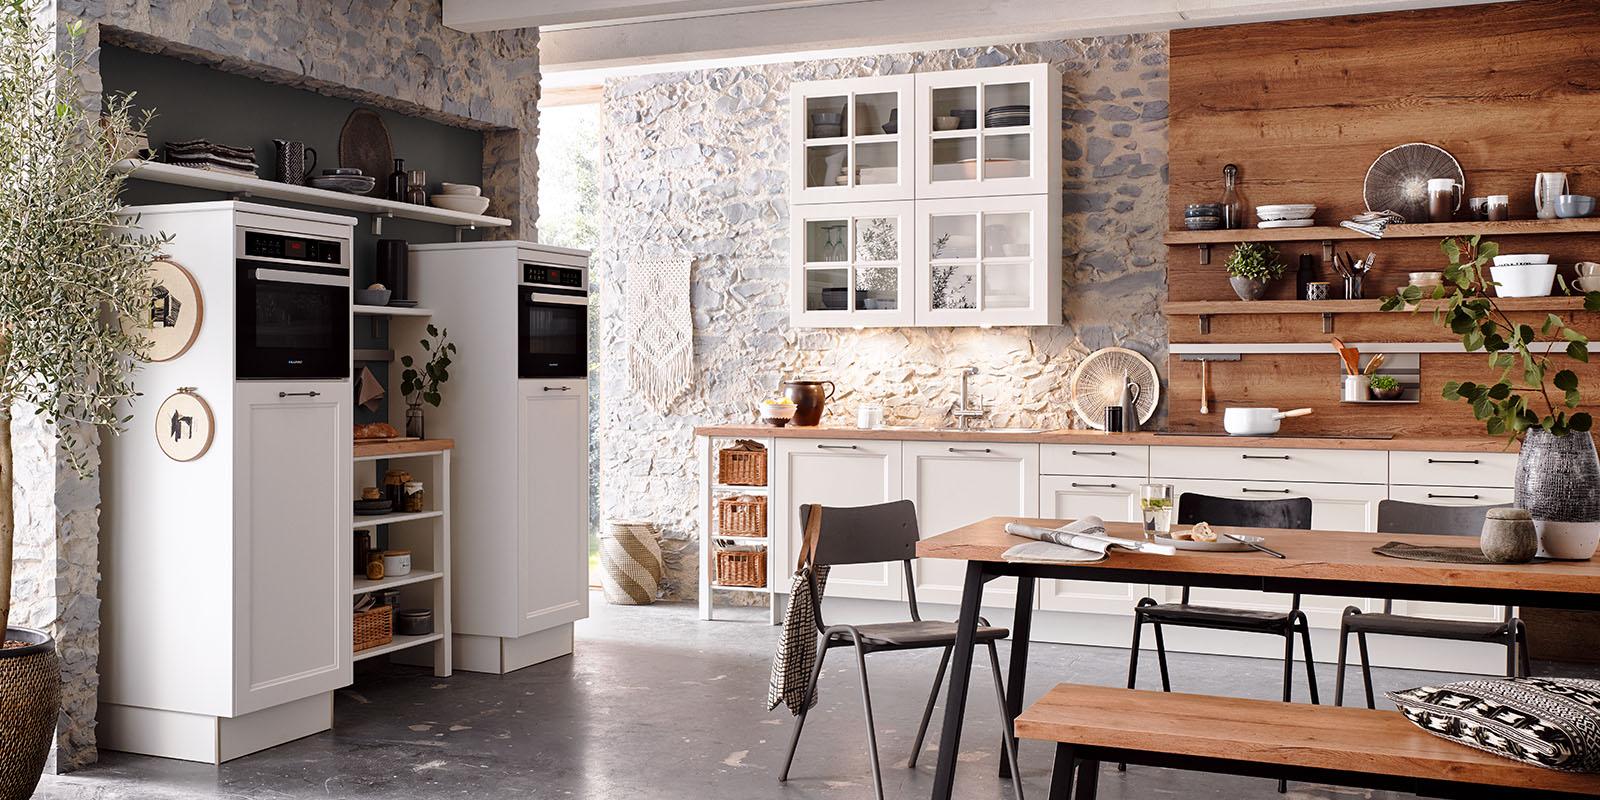 Küchenstudio Wernigerode - Monsator Hausgeräte Wernigerode